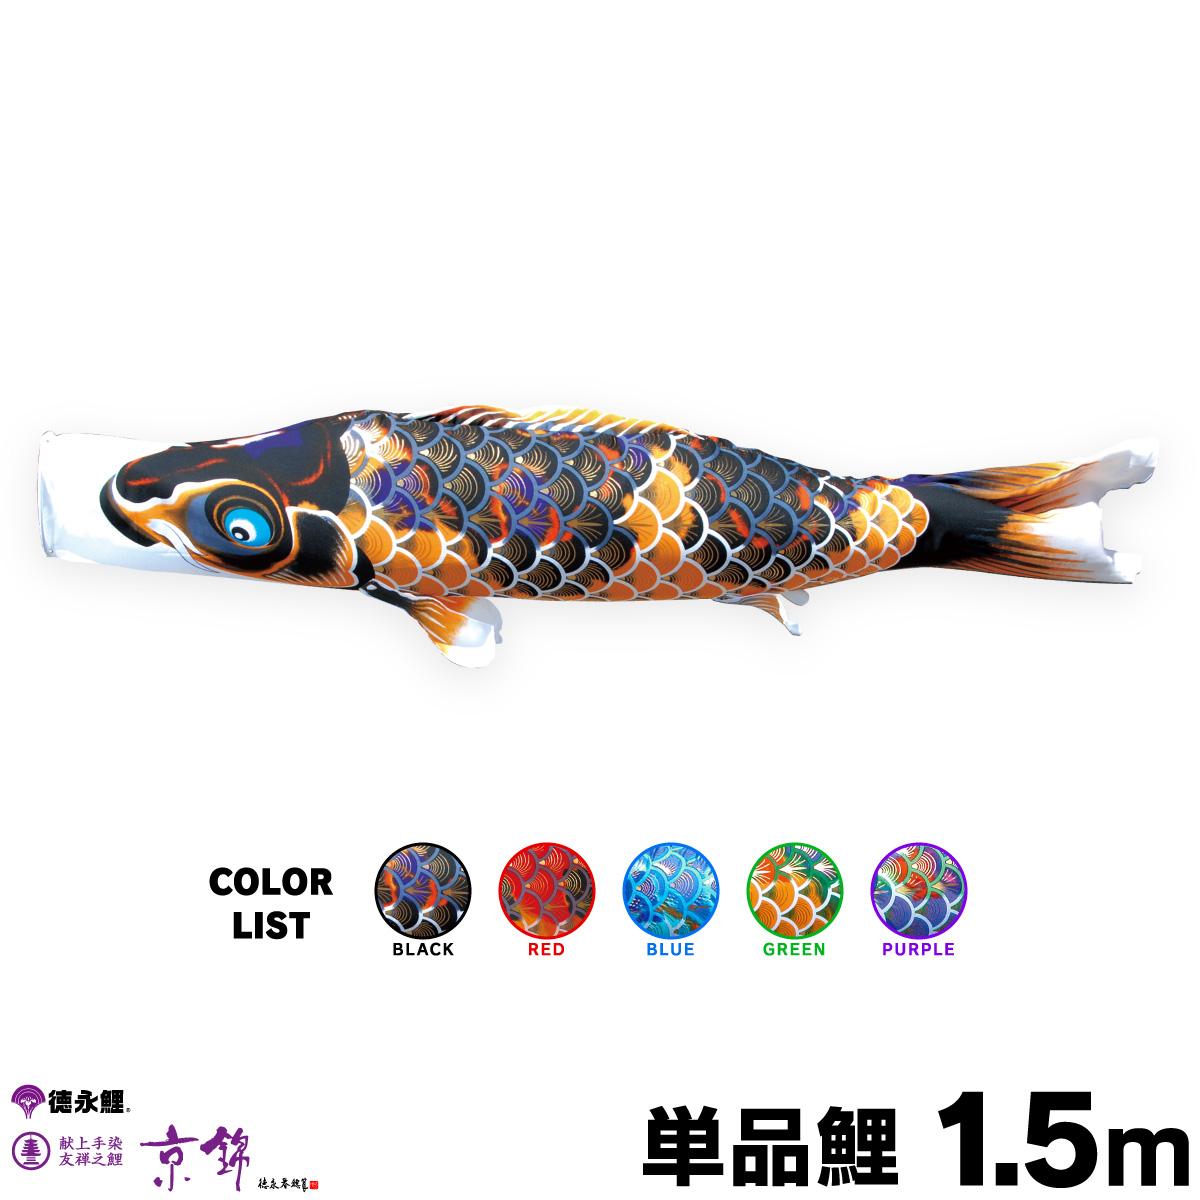 こいのぼり 鯉のぼり 子鯉 単品の鯉のぼり販売 単品 京錦 1.5m 単品鯉 黒 緑 赤 紫 最安値 青 直営店